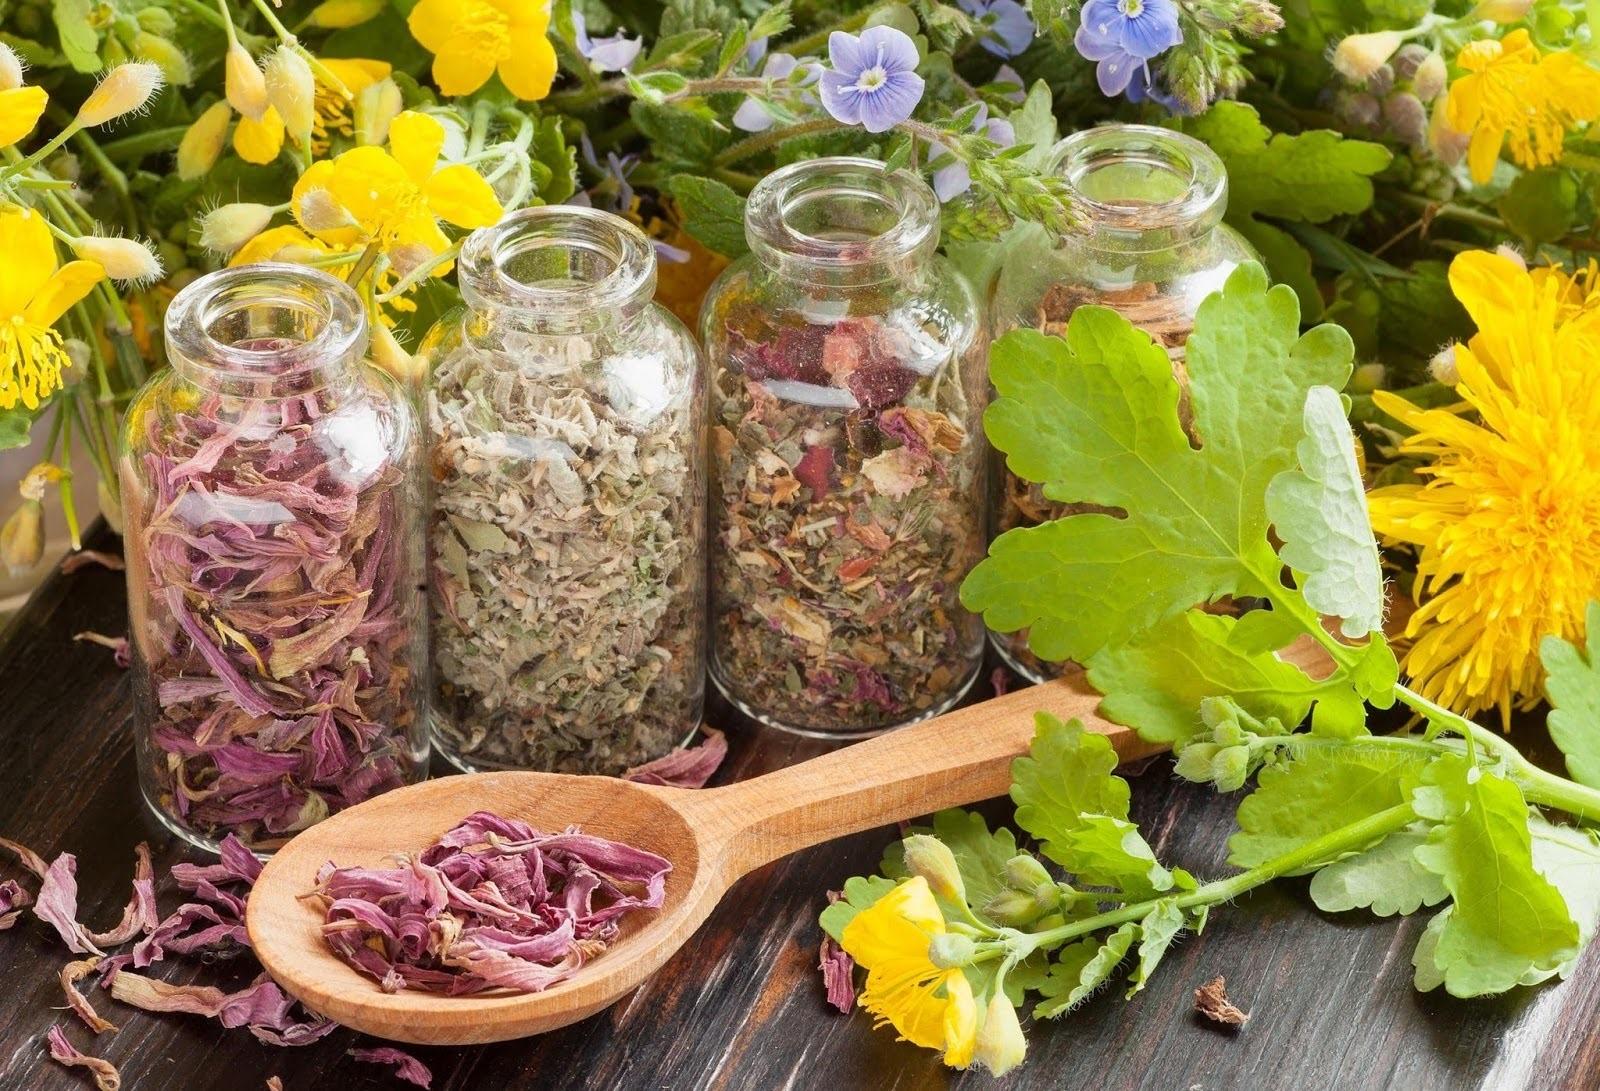 Травы можно высушить самостоятельно, либо приобрести необходимый сбор в аптеке.